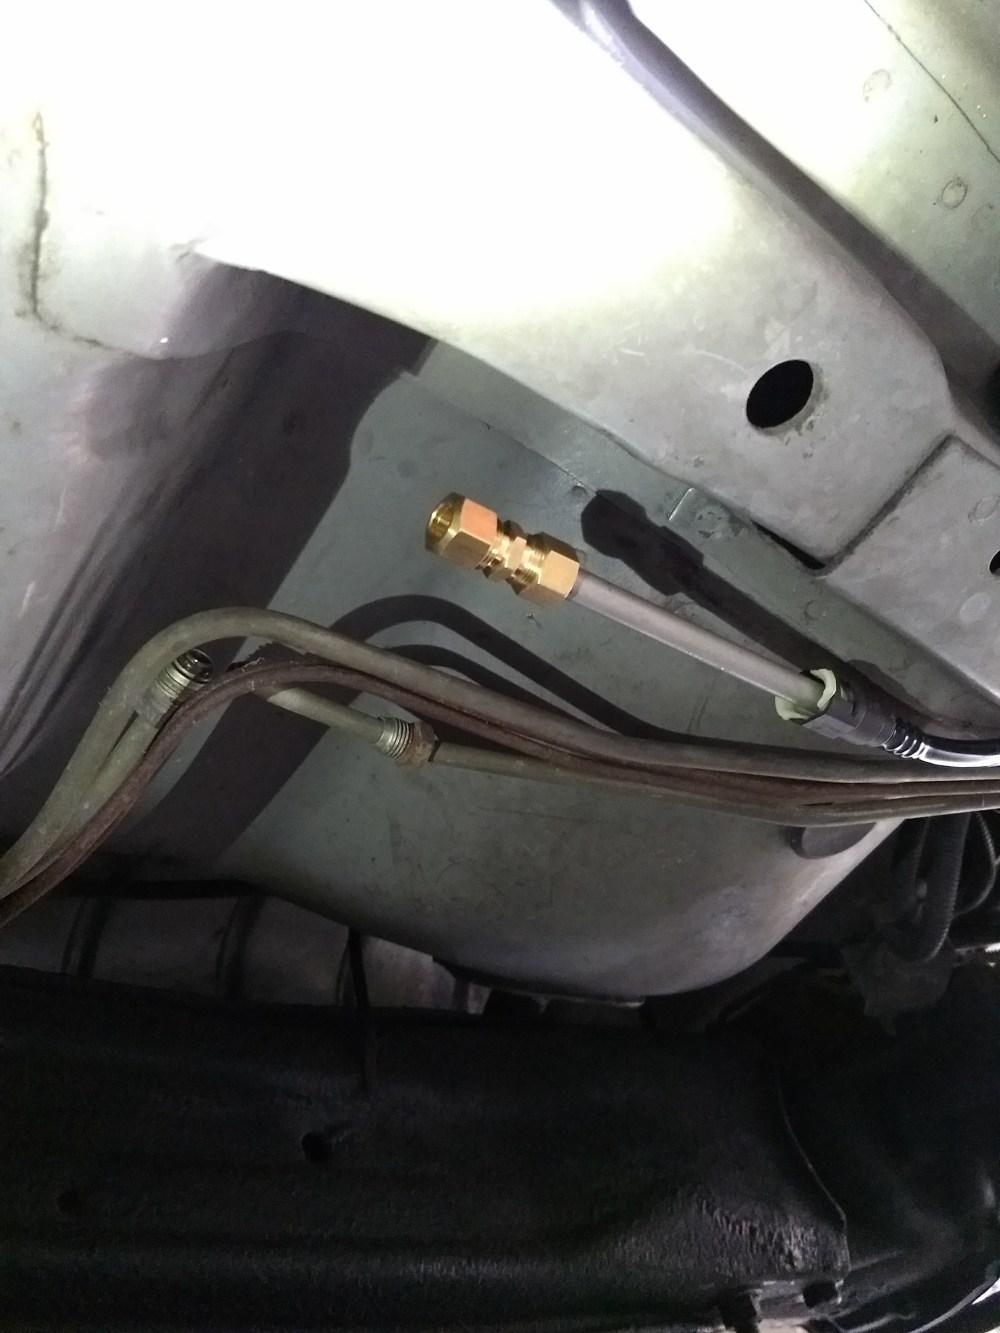 medium resolution of 99 c5 fuel filter regulator on 1998 camaro img 20171209 085633129 jpg